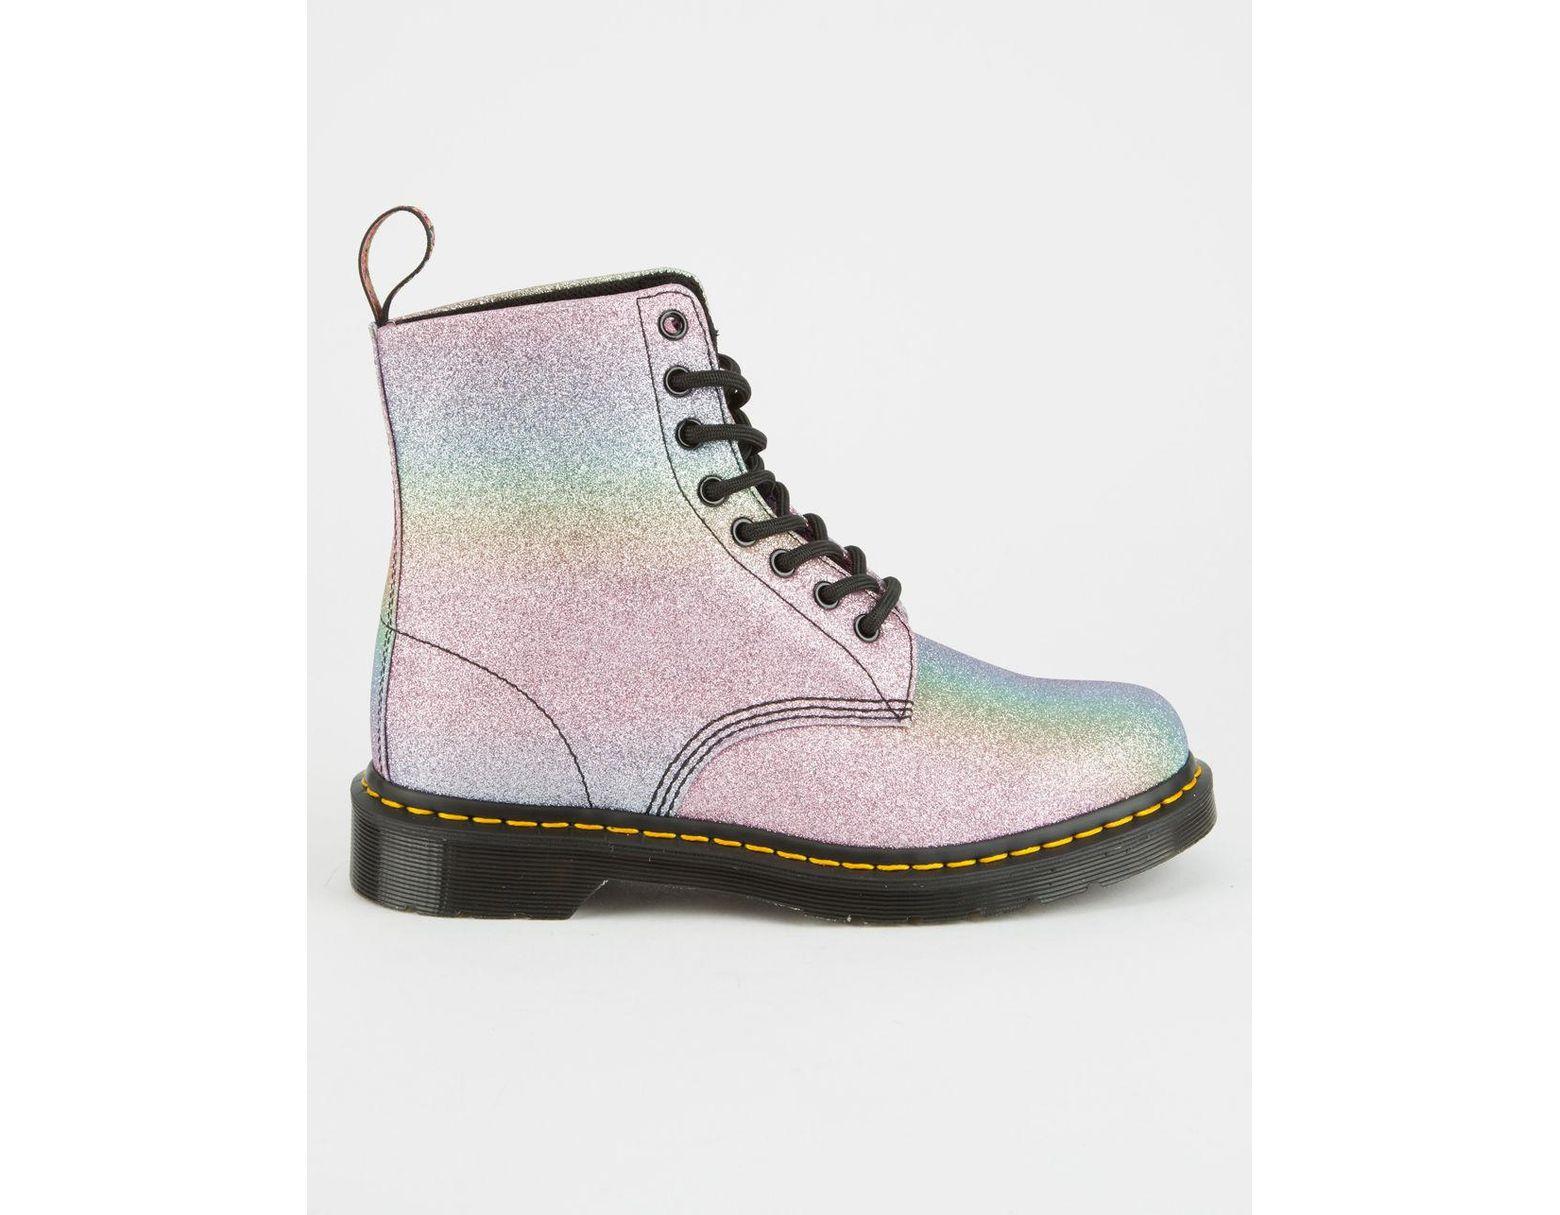 2058e95cdb5a Dr. Martens Rainbow Glitter Pascal Womens Boots - Lyst